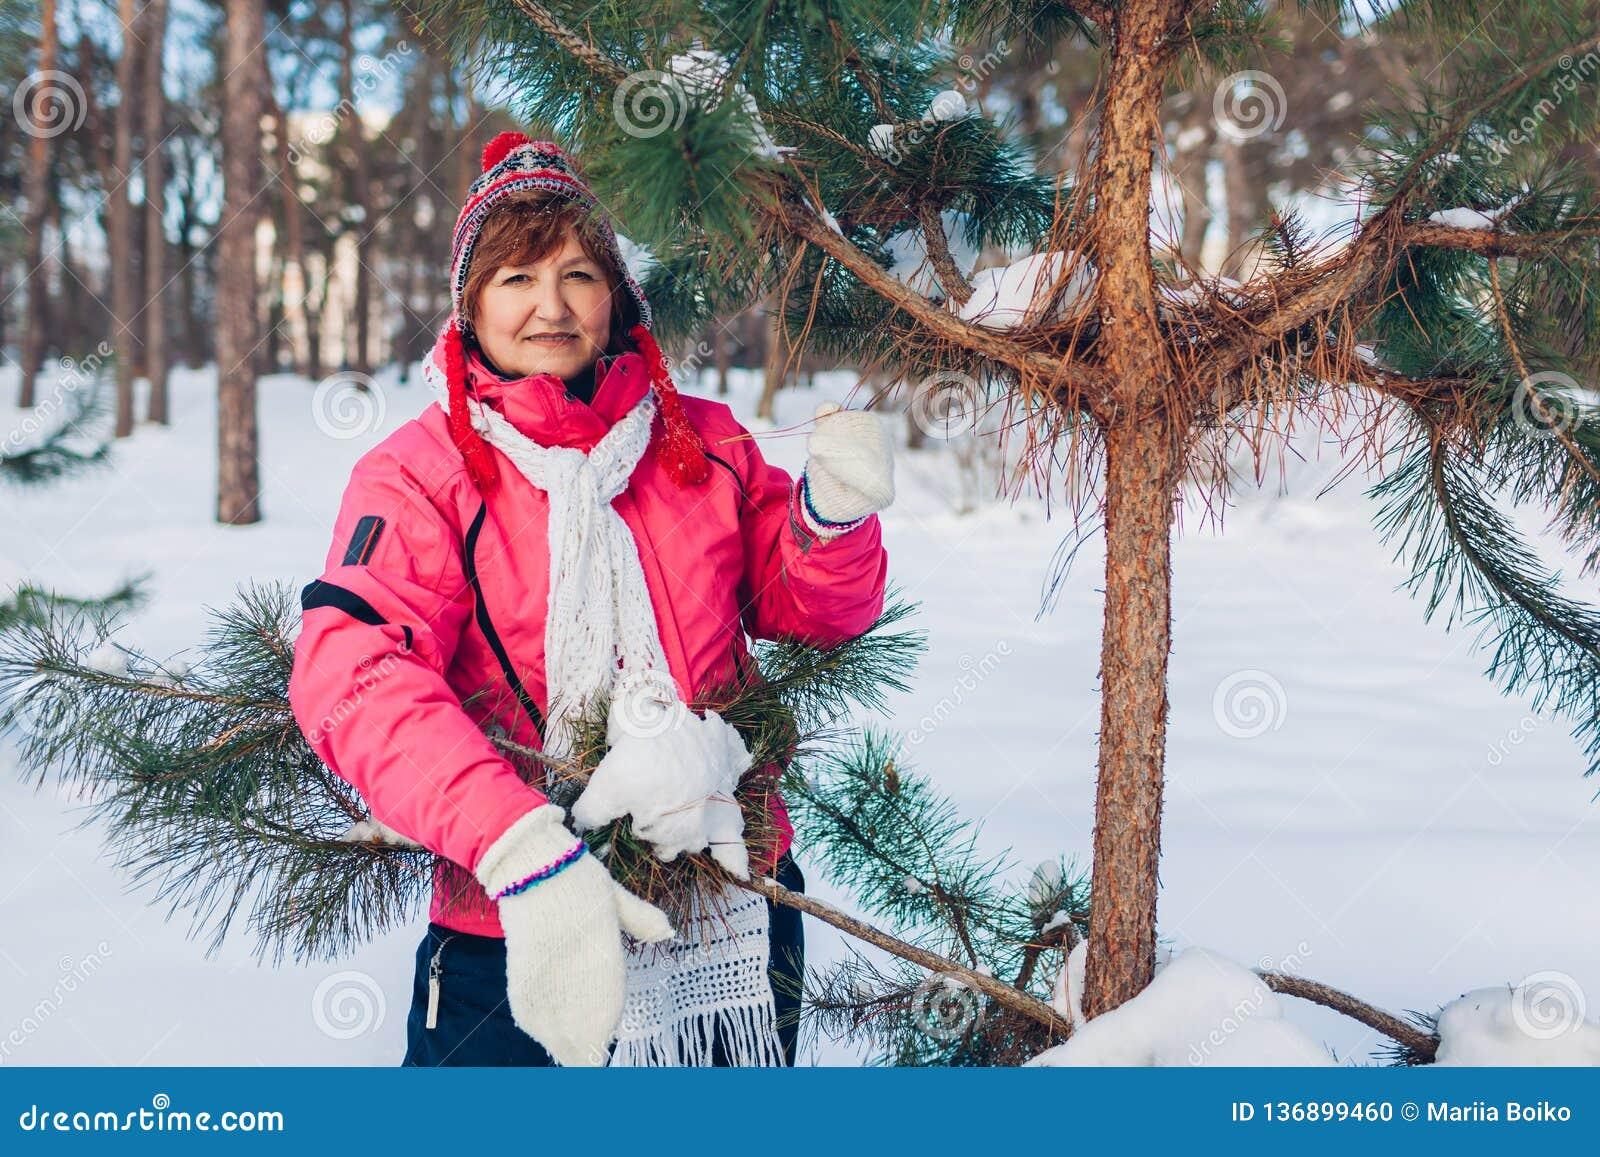 Ανώτερη τοποθέτηση γυναικών από το δέντρο έλατου στην ηλιόλουστη χειμερινή ημέρα στο δάσος